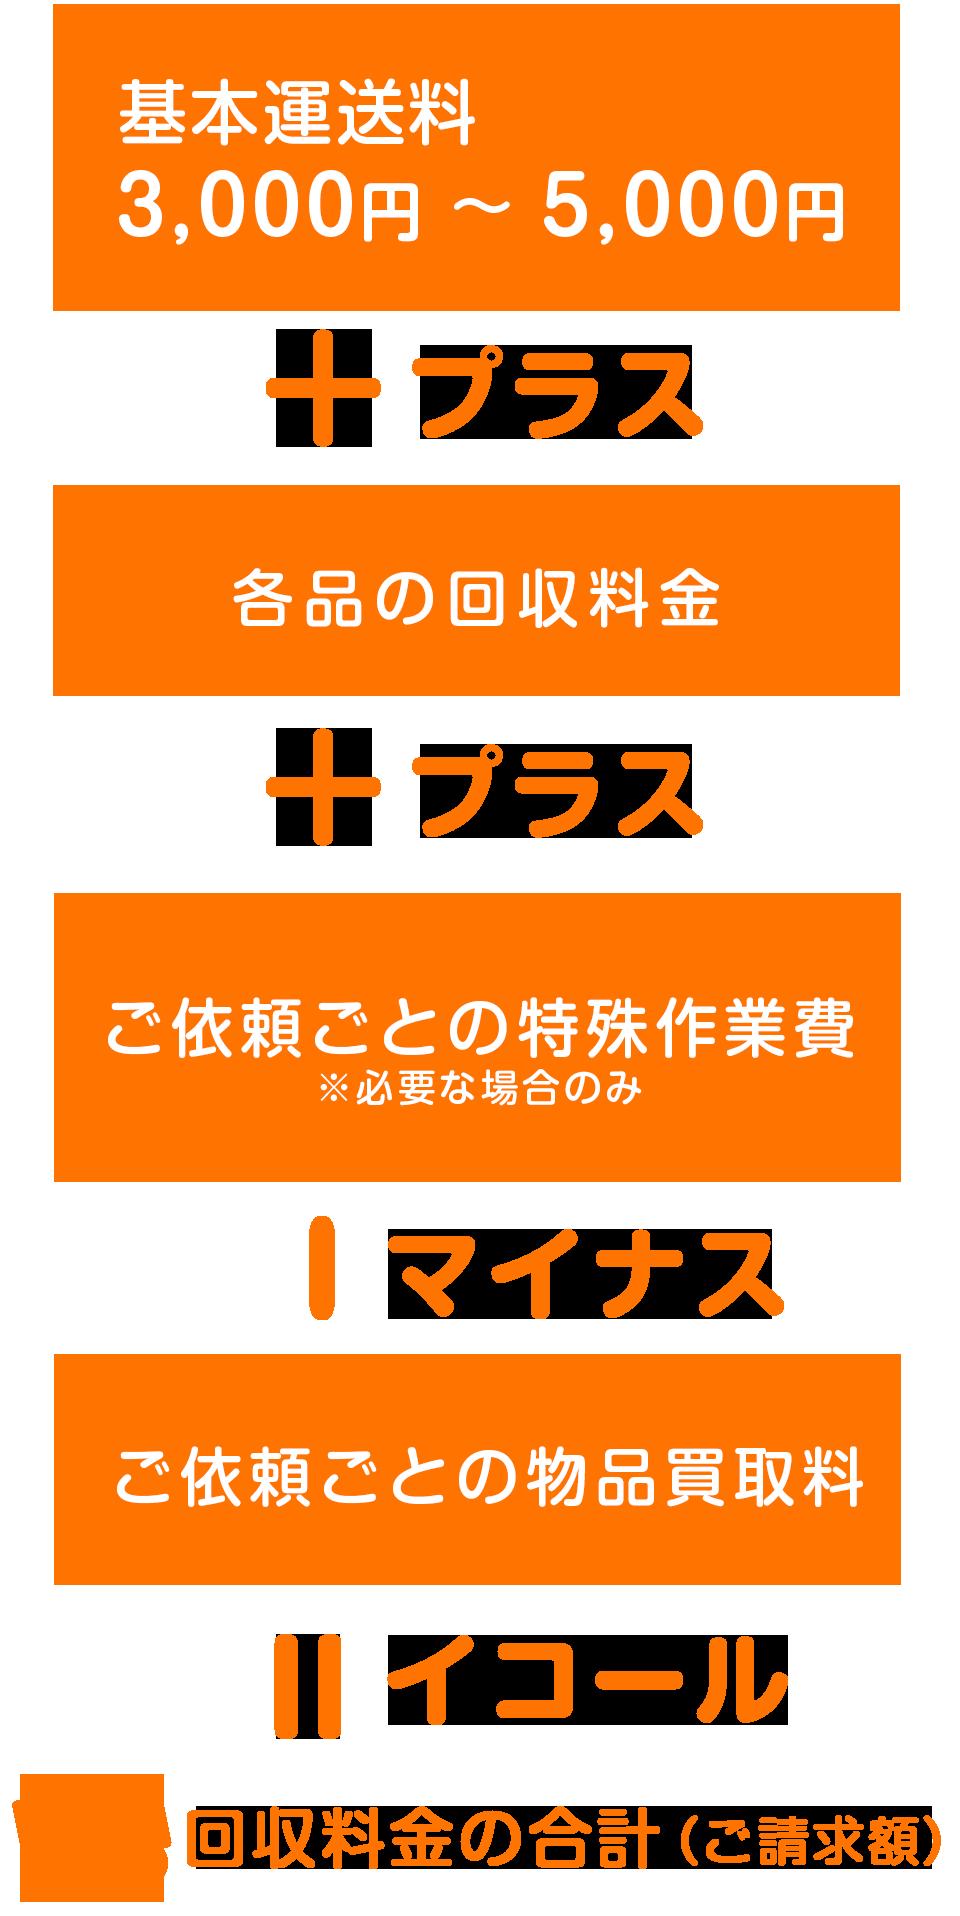 P4_料金バナー